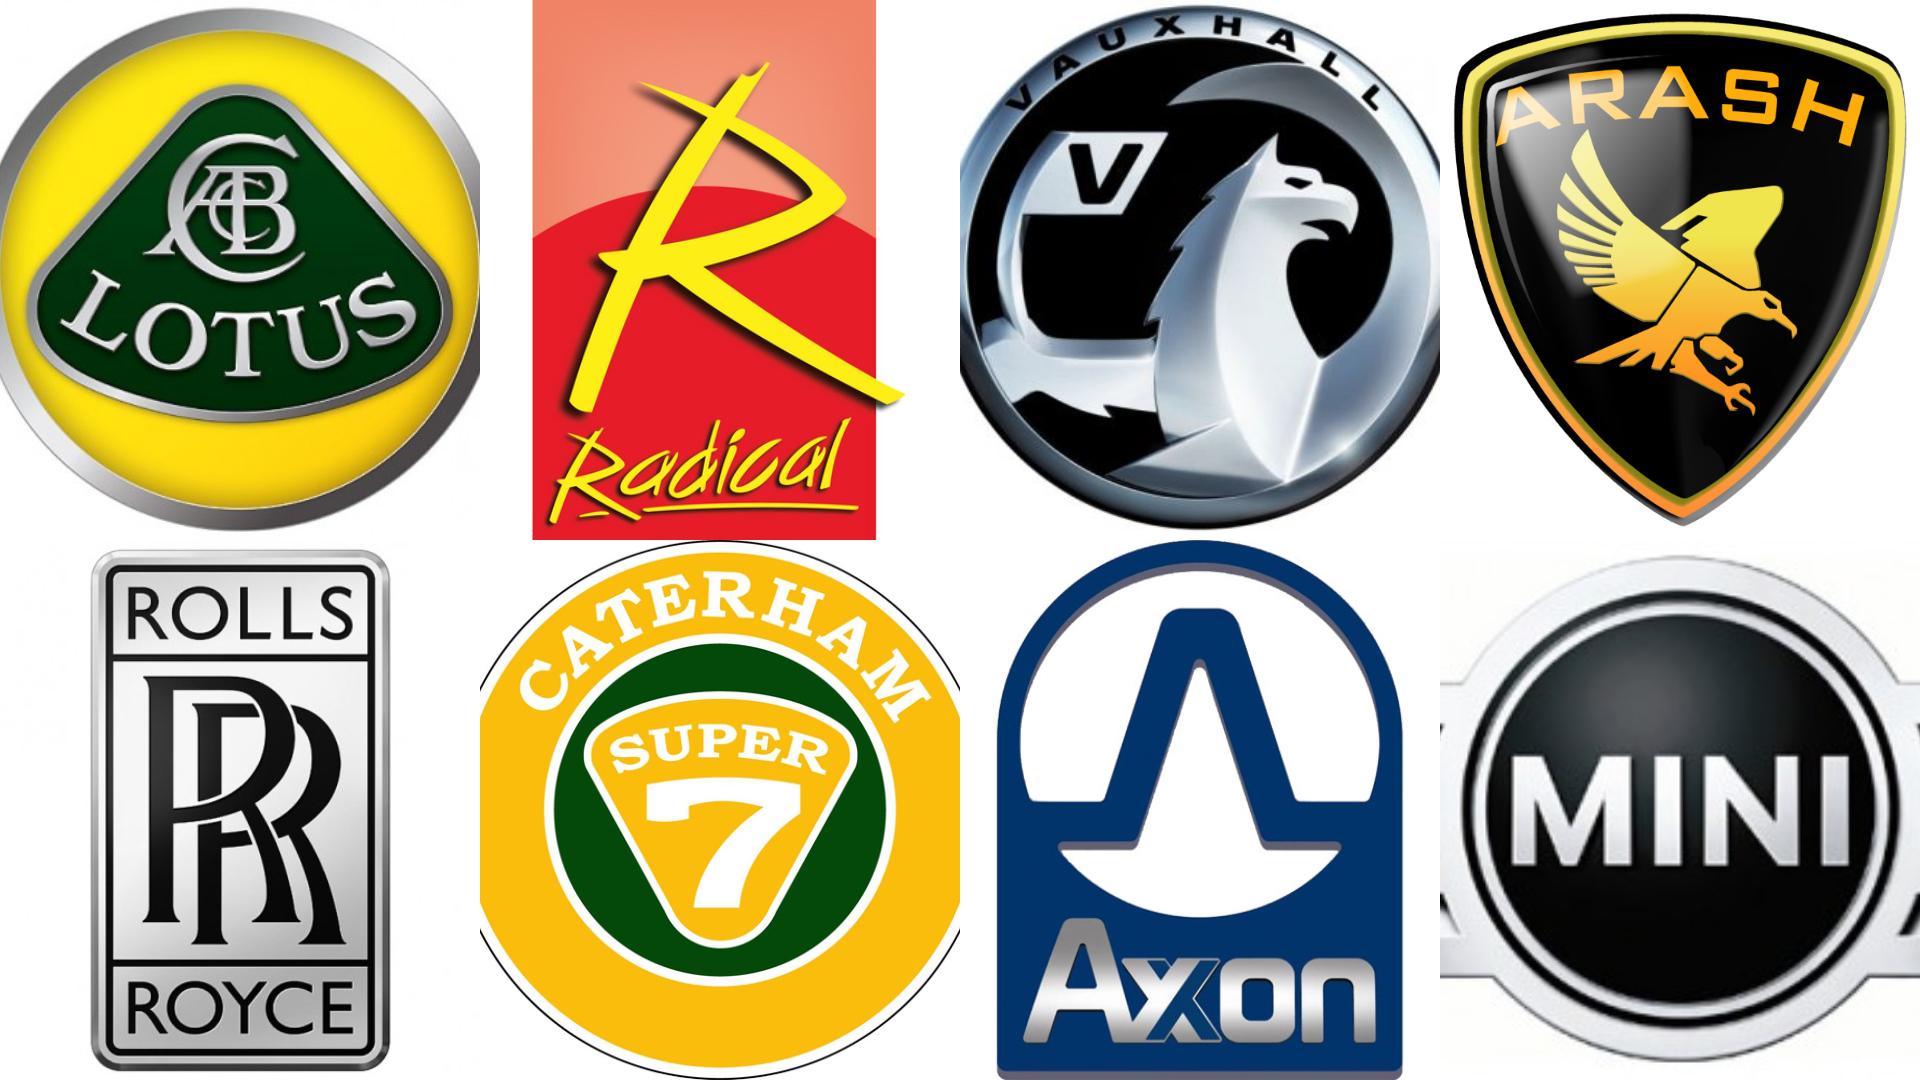 車 エンブレム一覧】イギリス車のマーク(ロゴ)を完全網羅